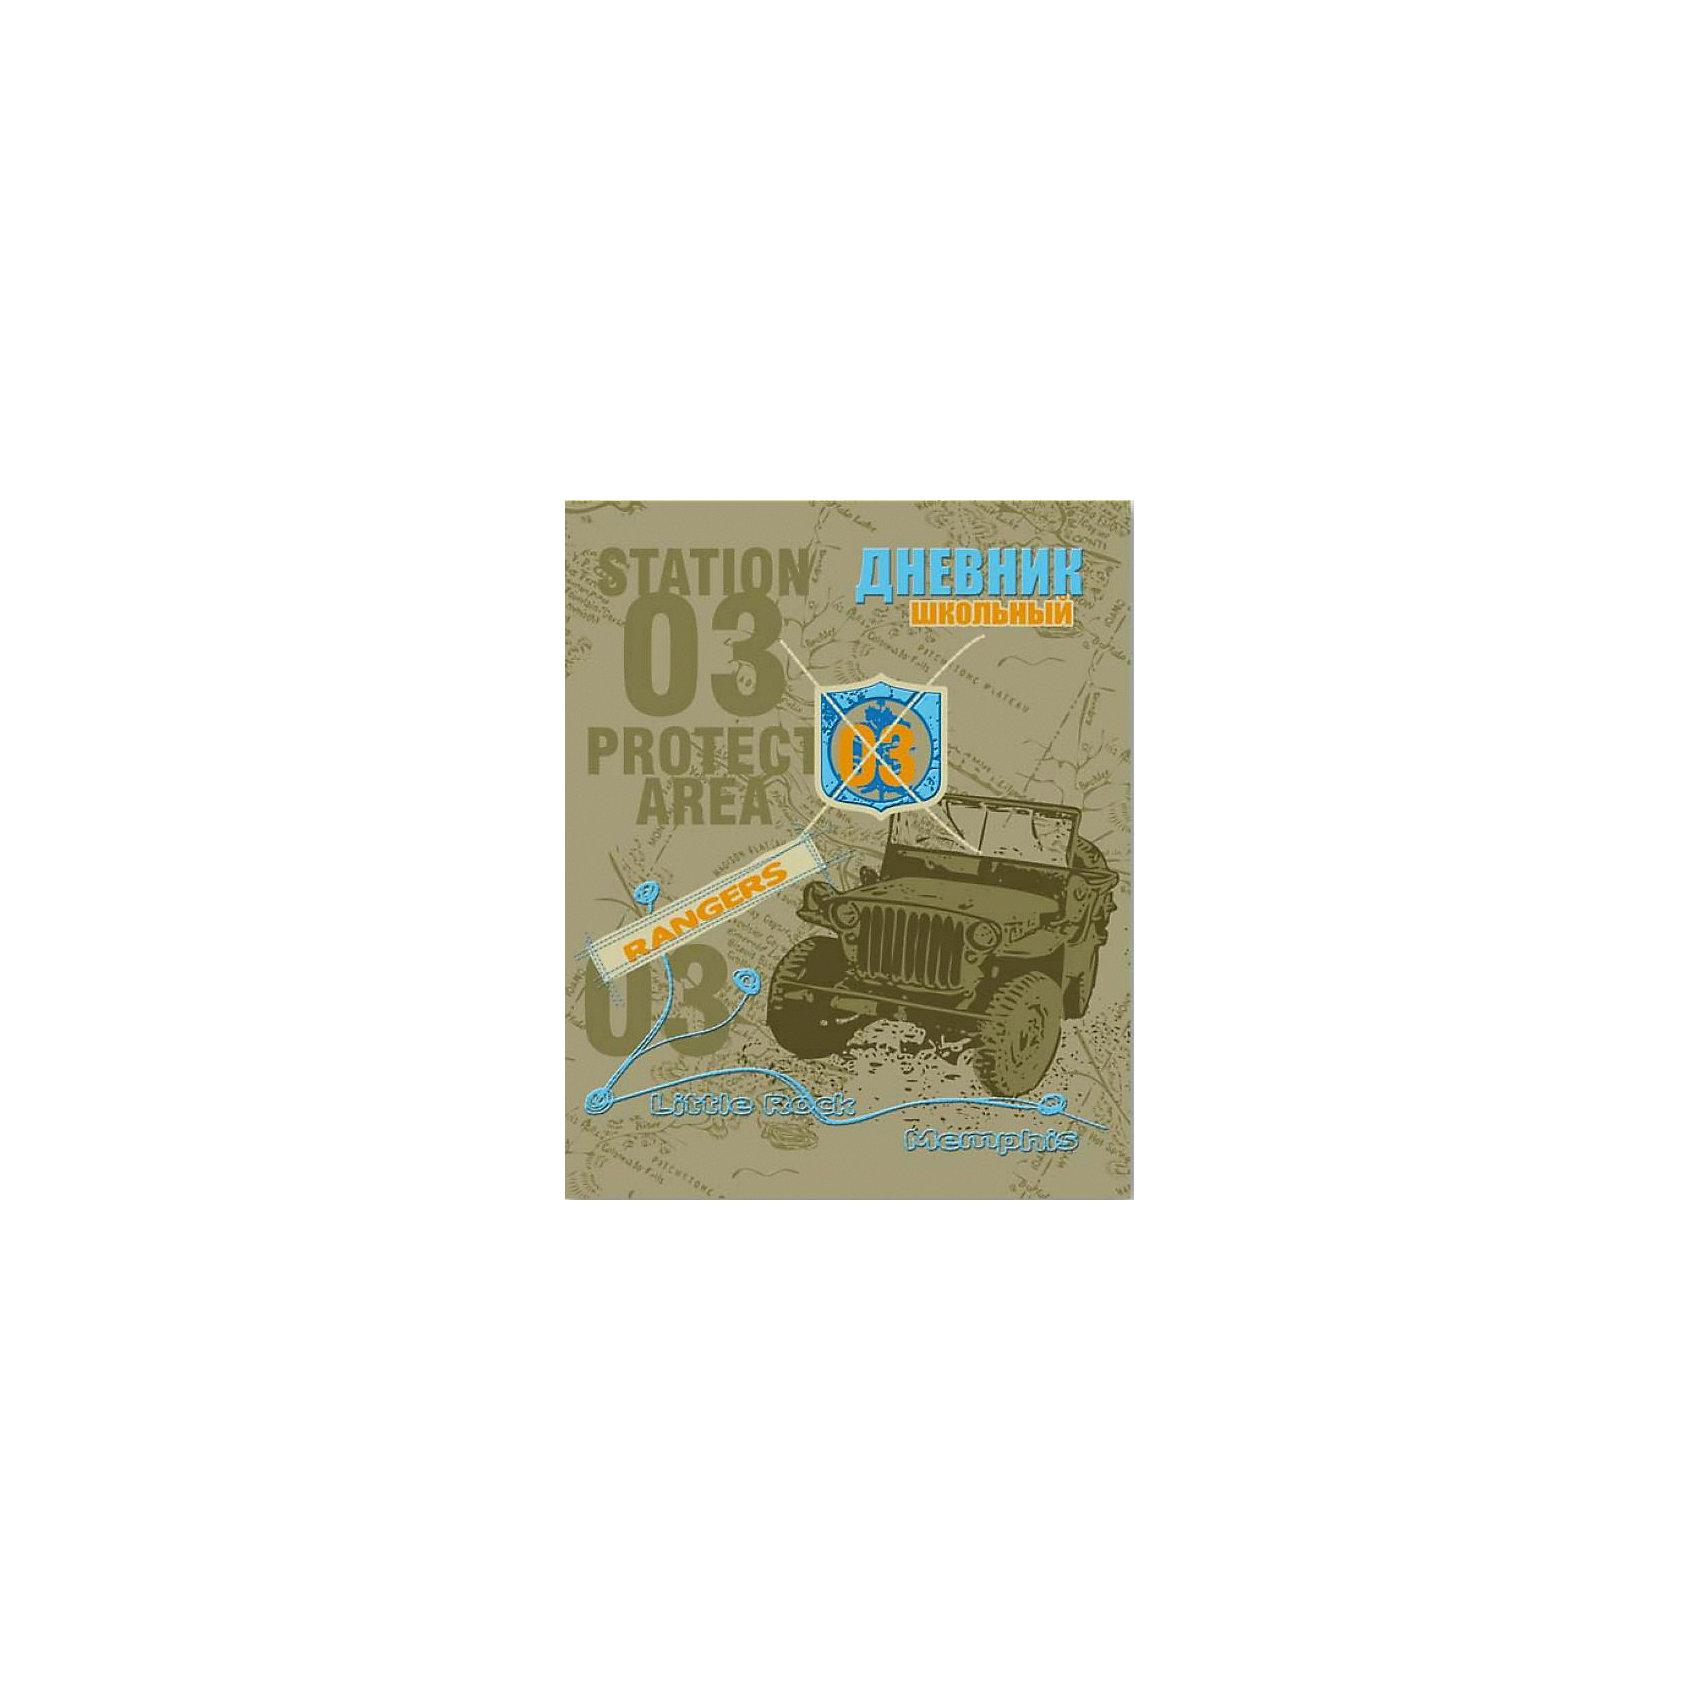 Дневник школьный Джип Феникс+Бумажная продукция<br>Дневник шк. ДЖИП (7БЦ с печатью по ткани, тисн. синей фольгой, 96 стр. Цв. запечатка форзаца. Универсальная шпаргалка)<br><br>Ширина мм: 210<br>Глубина мм: 170<br>Высота мм: 10<br>Вес г: 220<br>Возраст от месяцев: 72<br>Возраст до месяцев: 2147483647<br>Пол: Унисекс<br>Возраст: Детский<br>SKU: 7046173